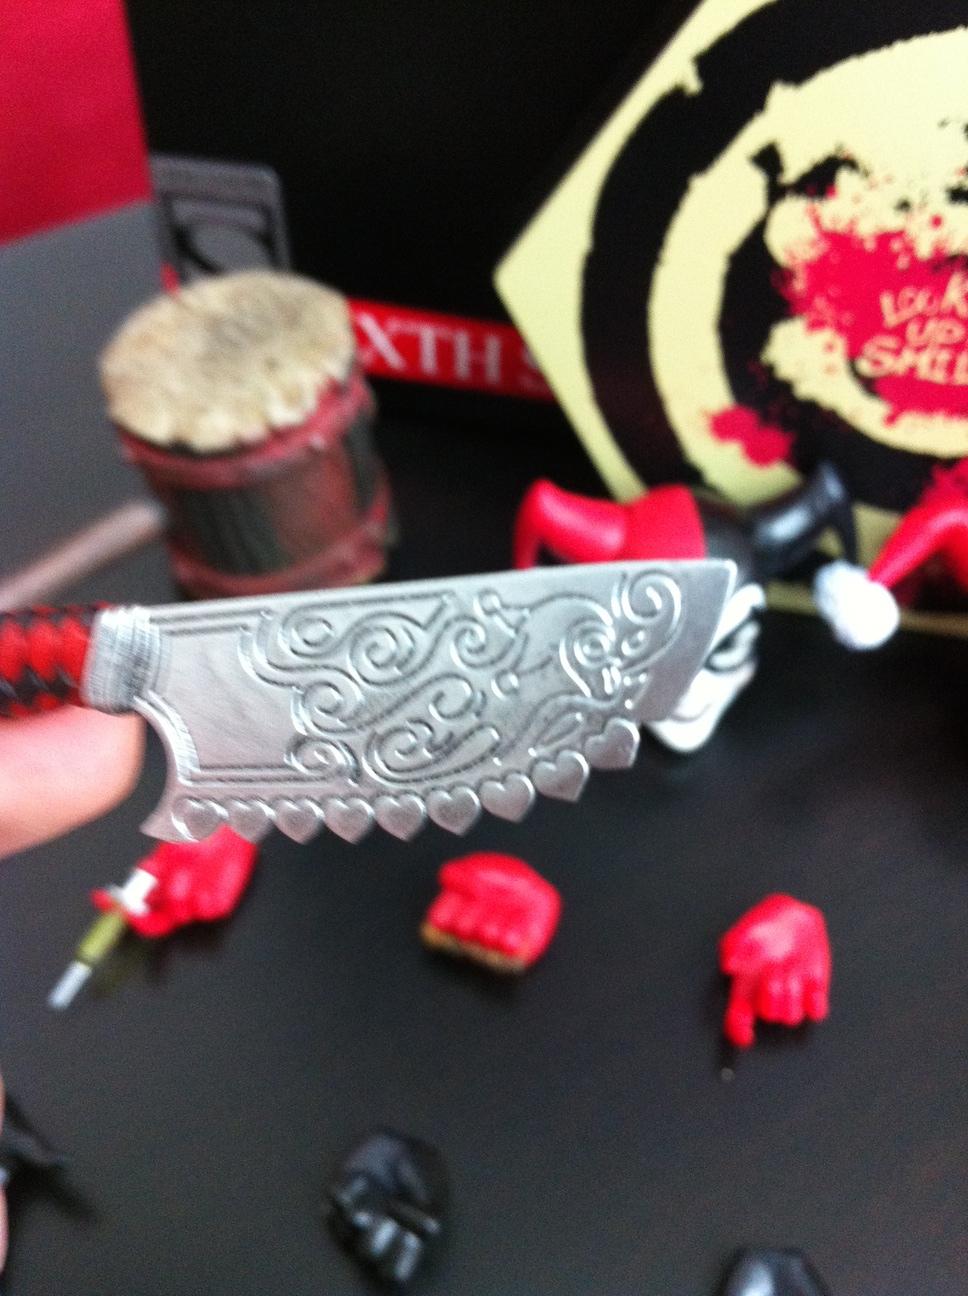 Blade Detail